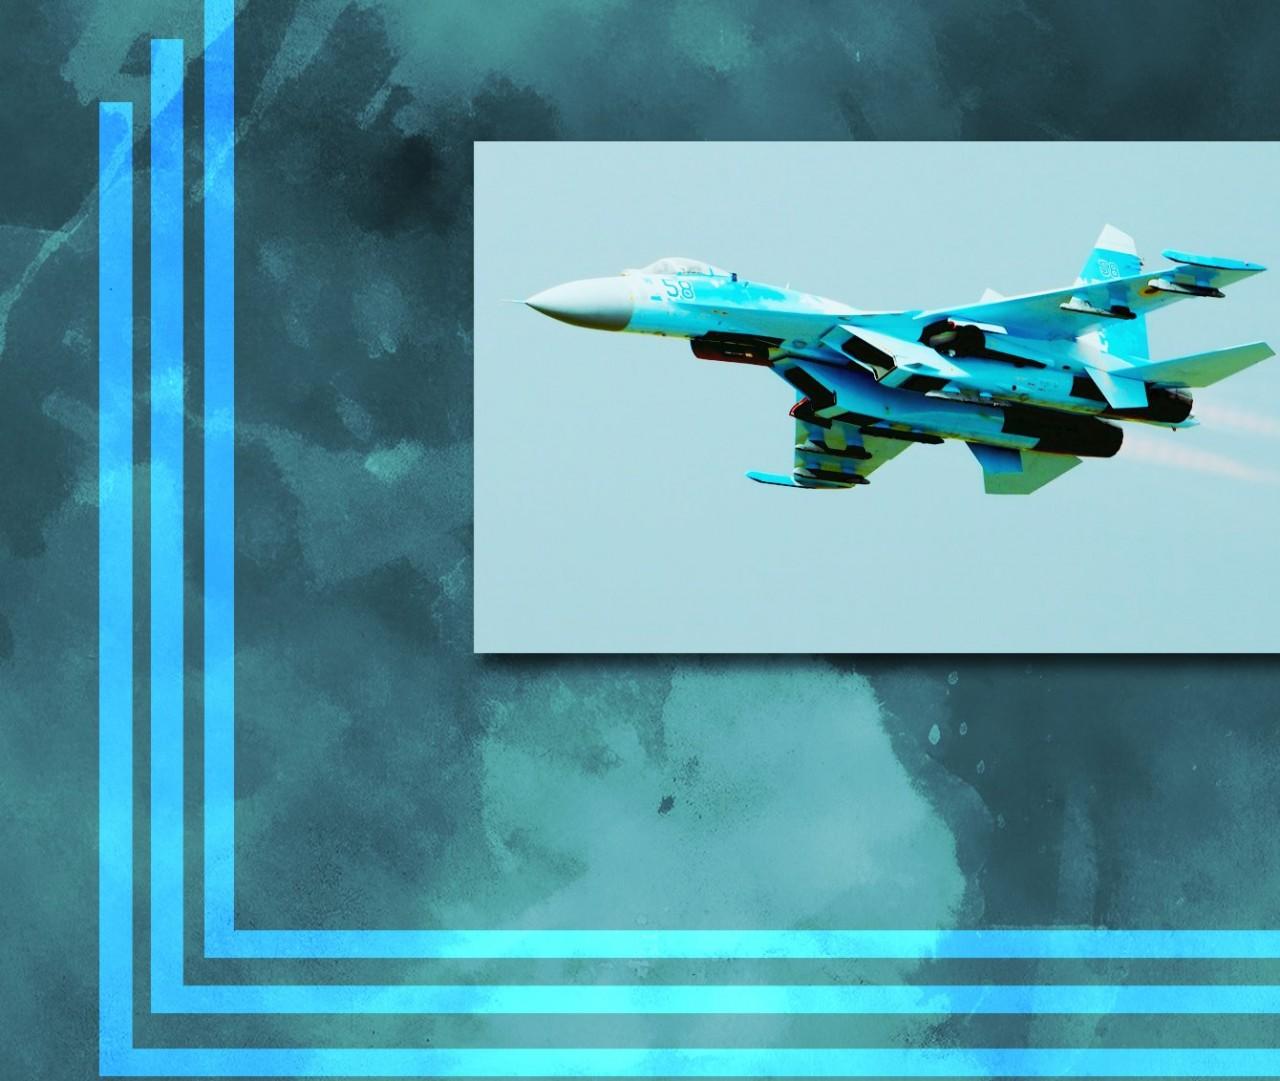 Бывший полковник ВСУ признал зависимость боевой авиации Украины от России